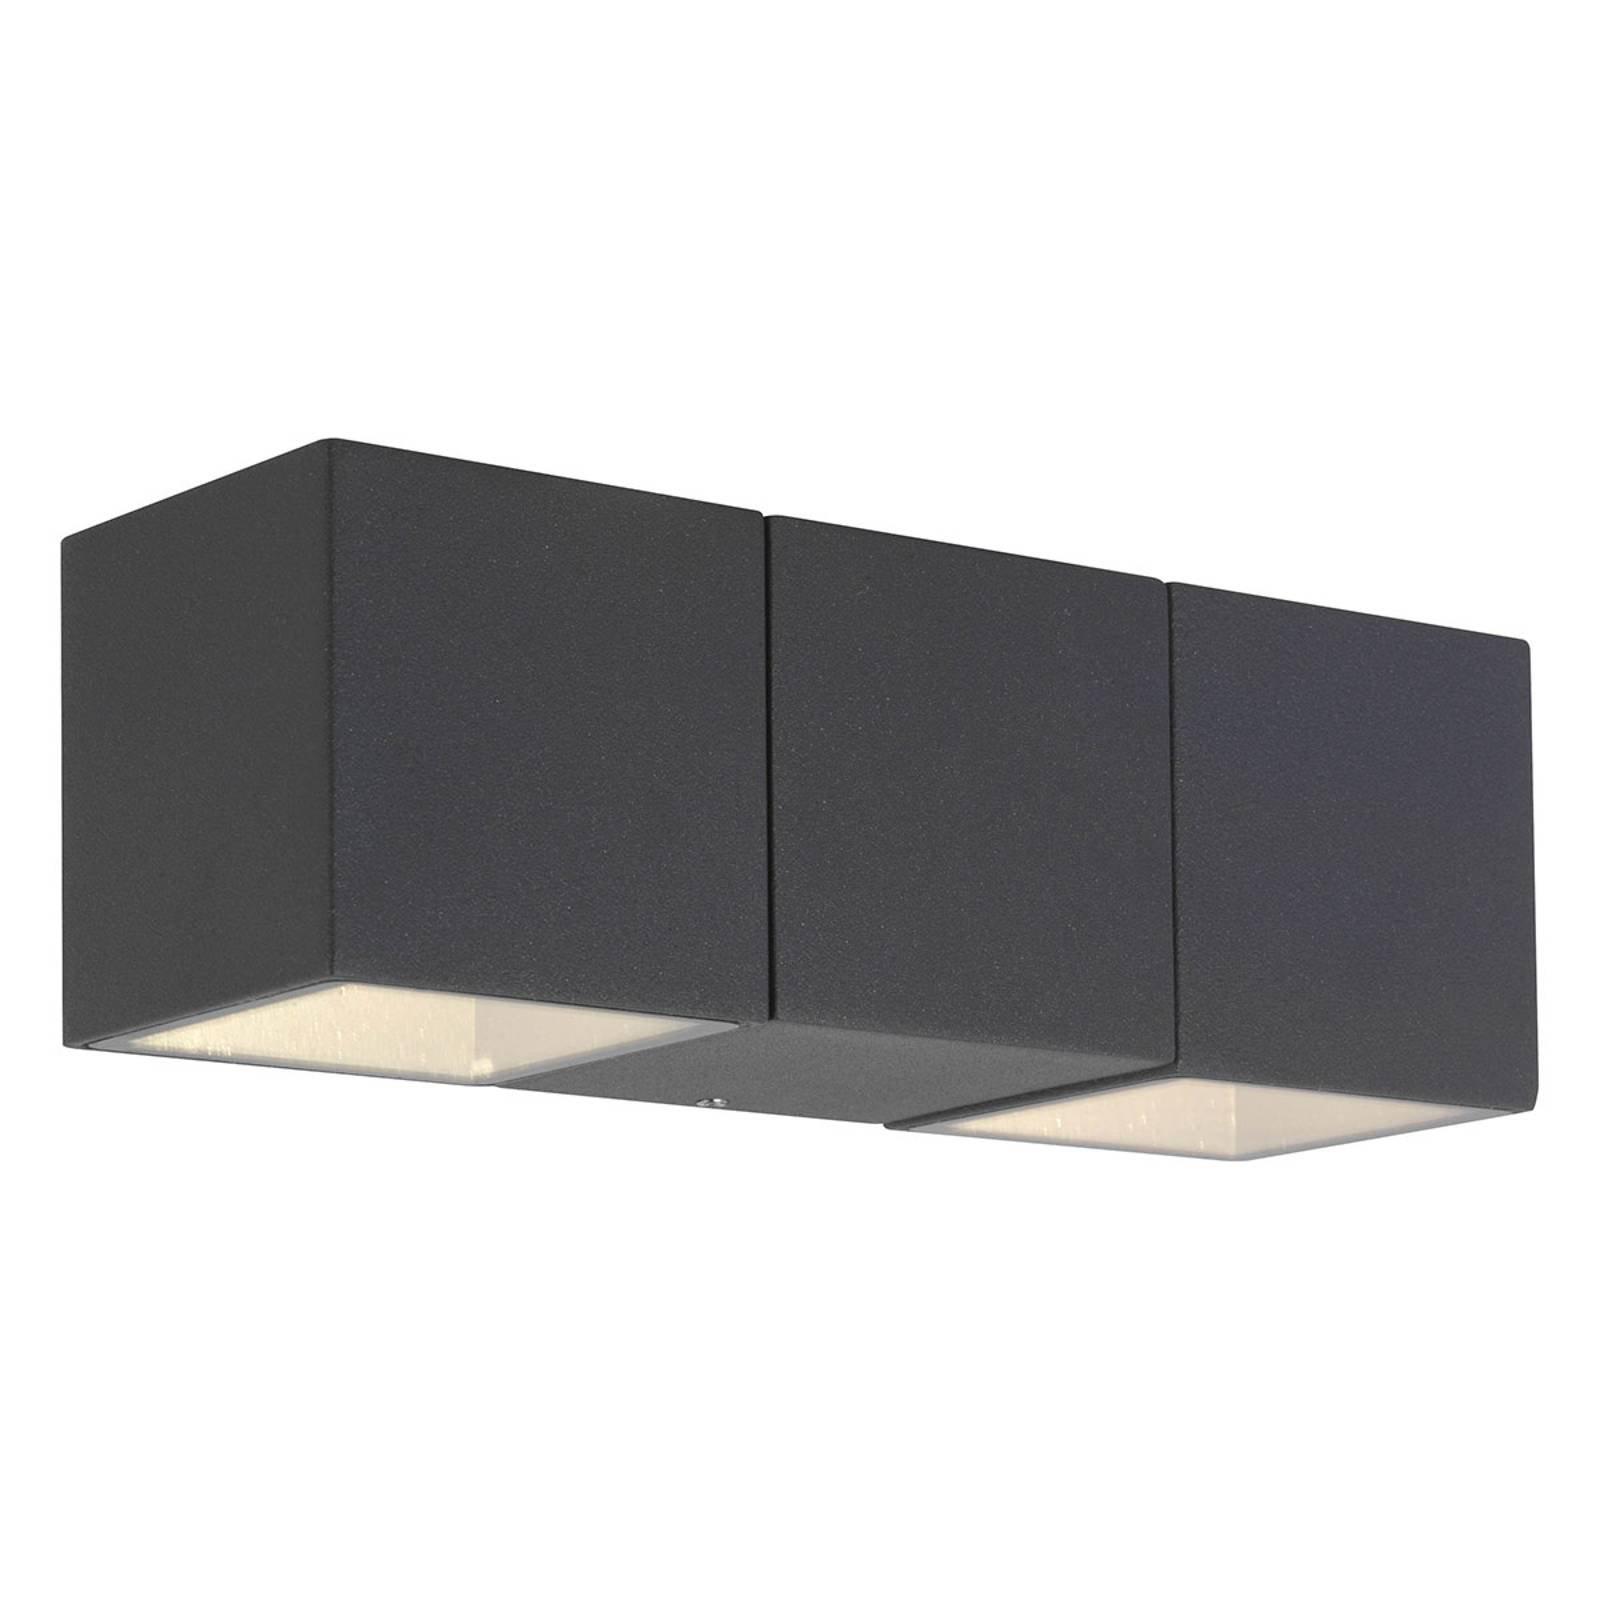 AEG Daveen utendørs LED-vegglampe, 2 lyskilder